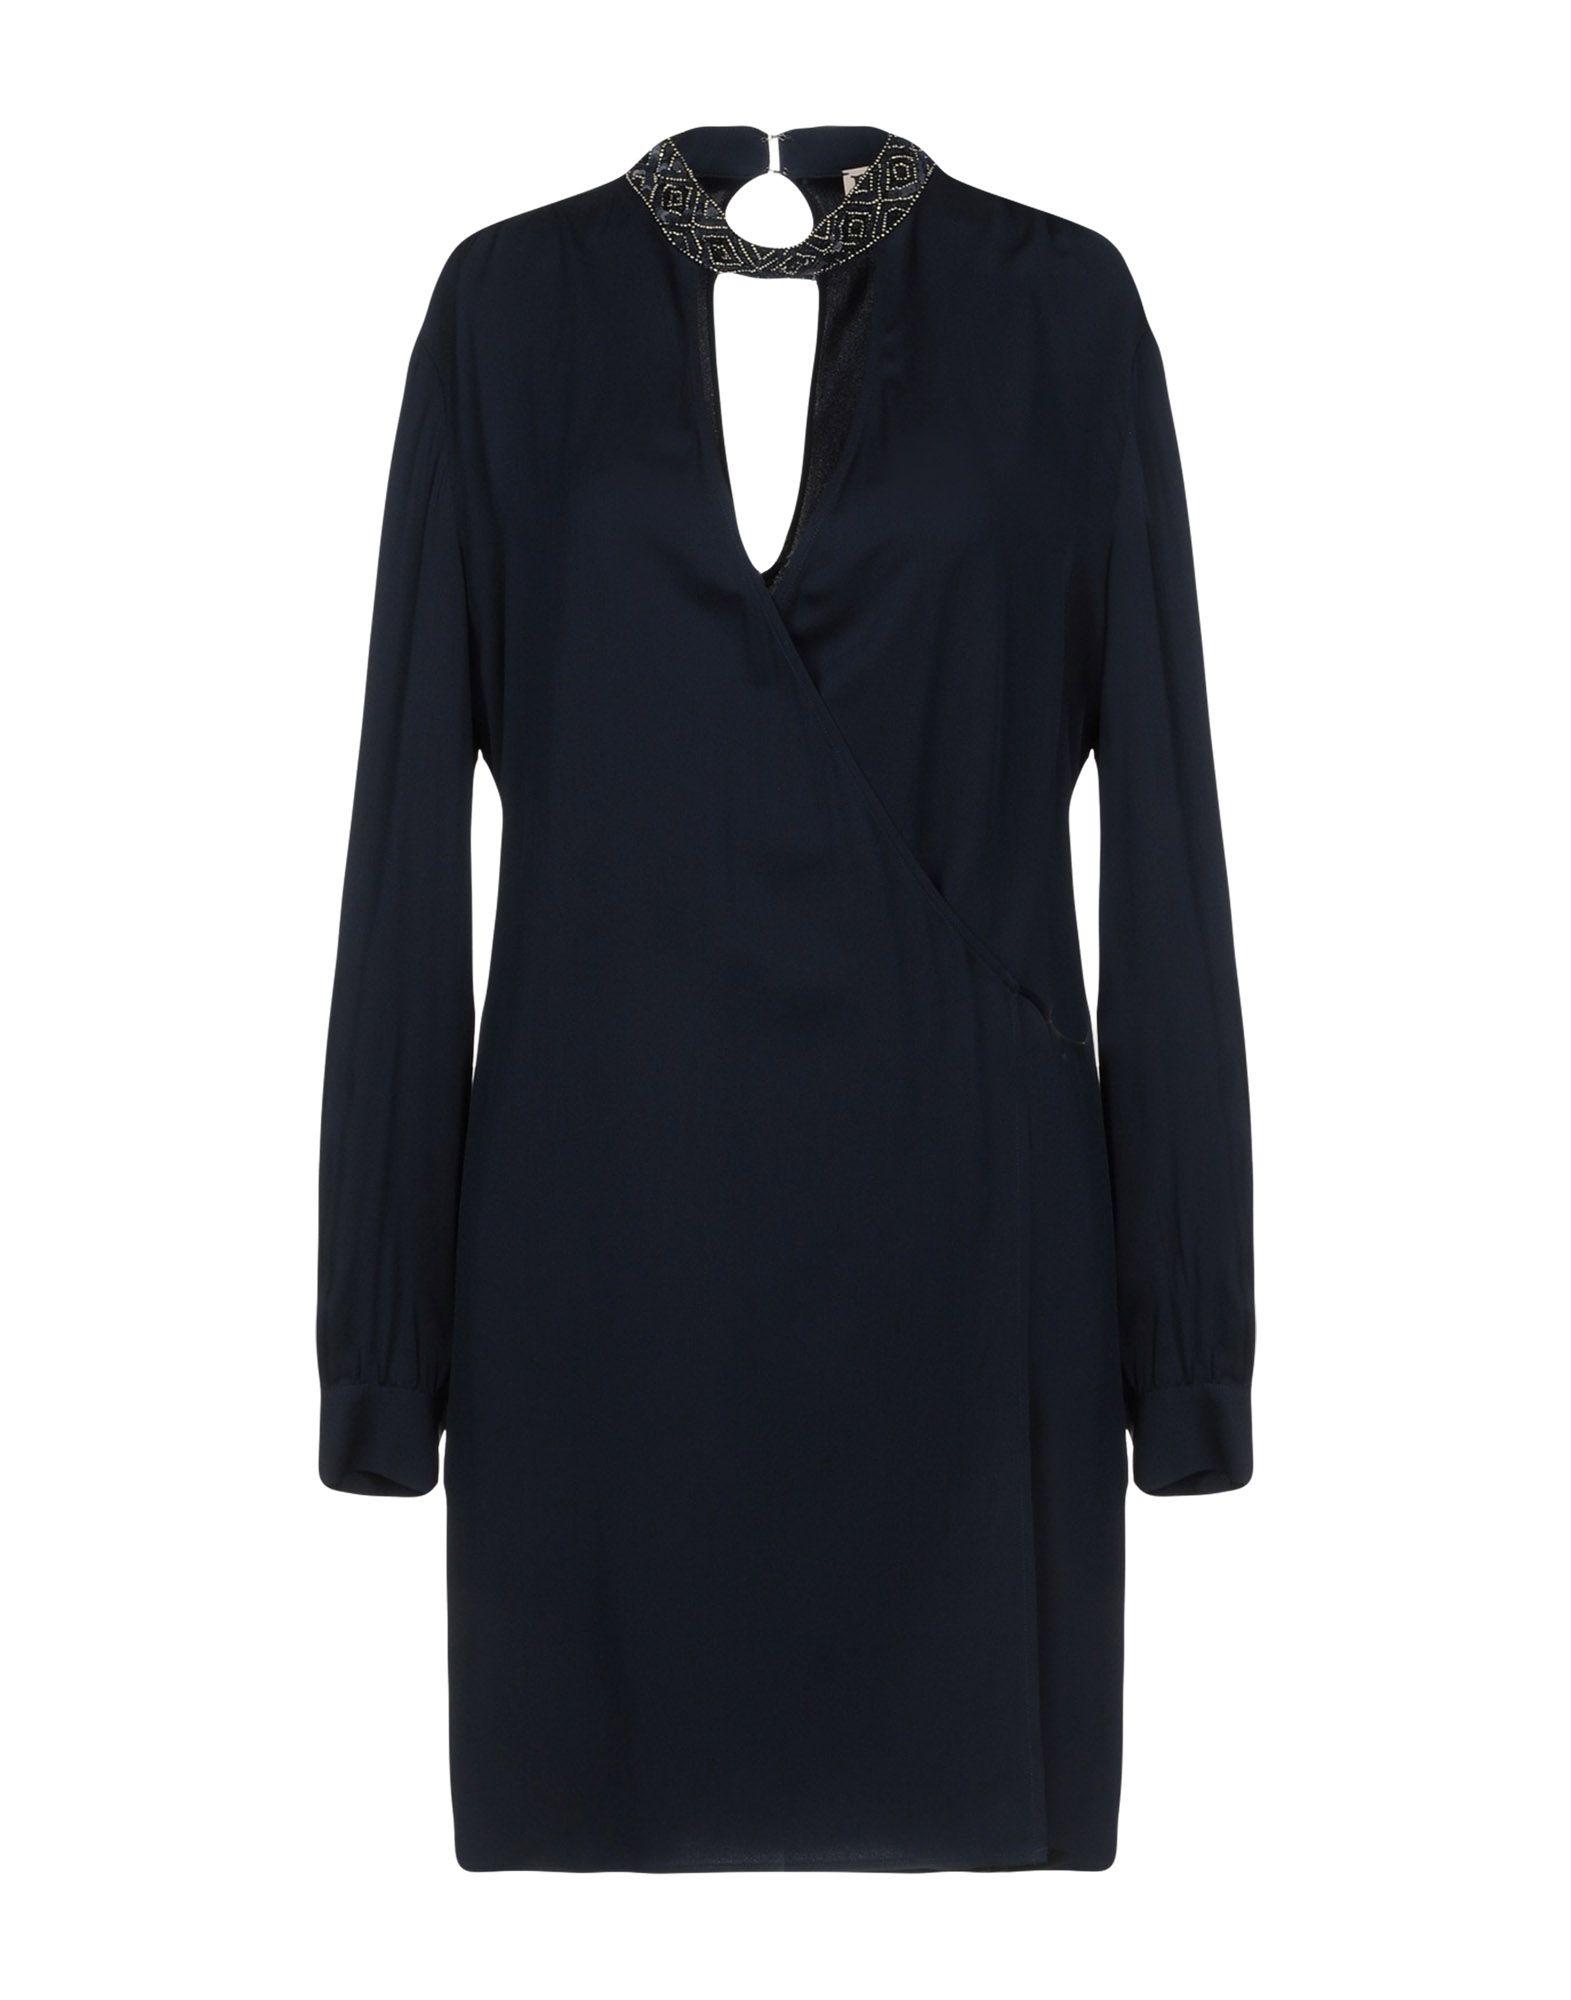 HAUTE HIPPIE Damen Kurzes Kleid Farbe Dunkelblau Größe 6